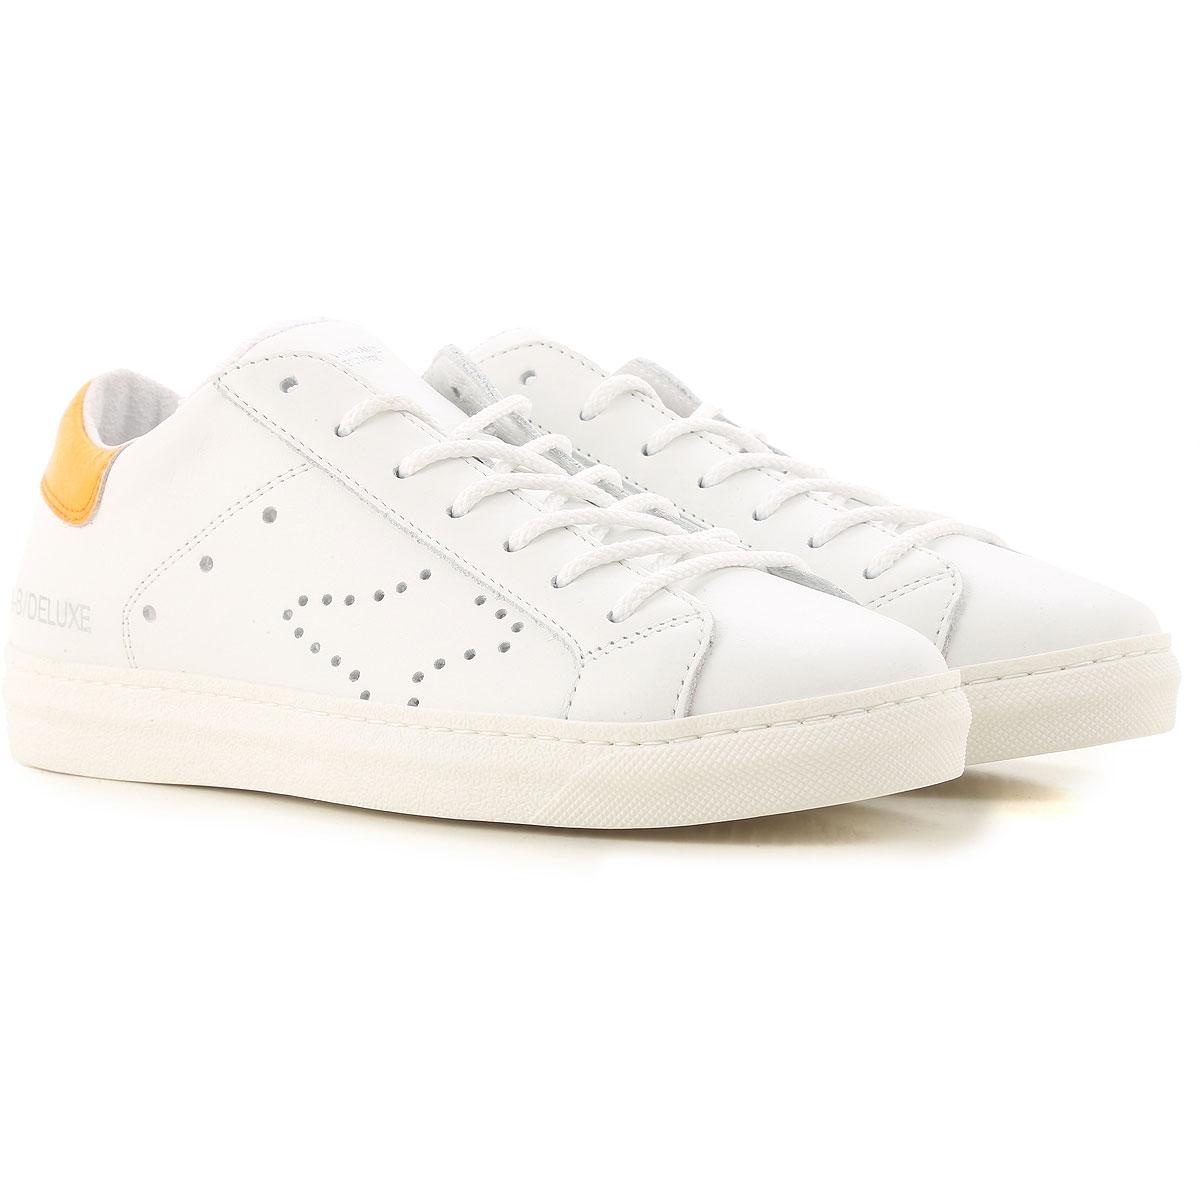 Ama Brand Sneaker Femme Pas cher en Soldes, Blanc, Cuir, 2017, 37 38 39 40